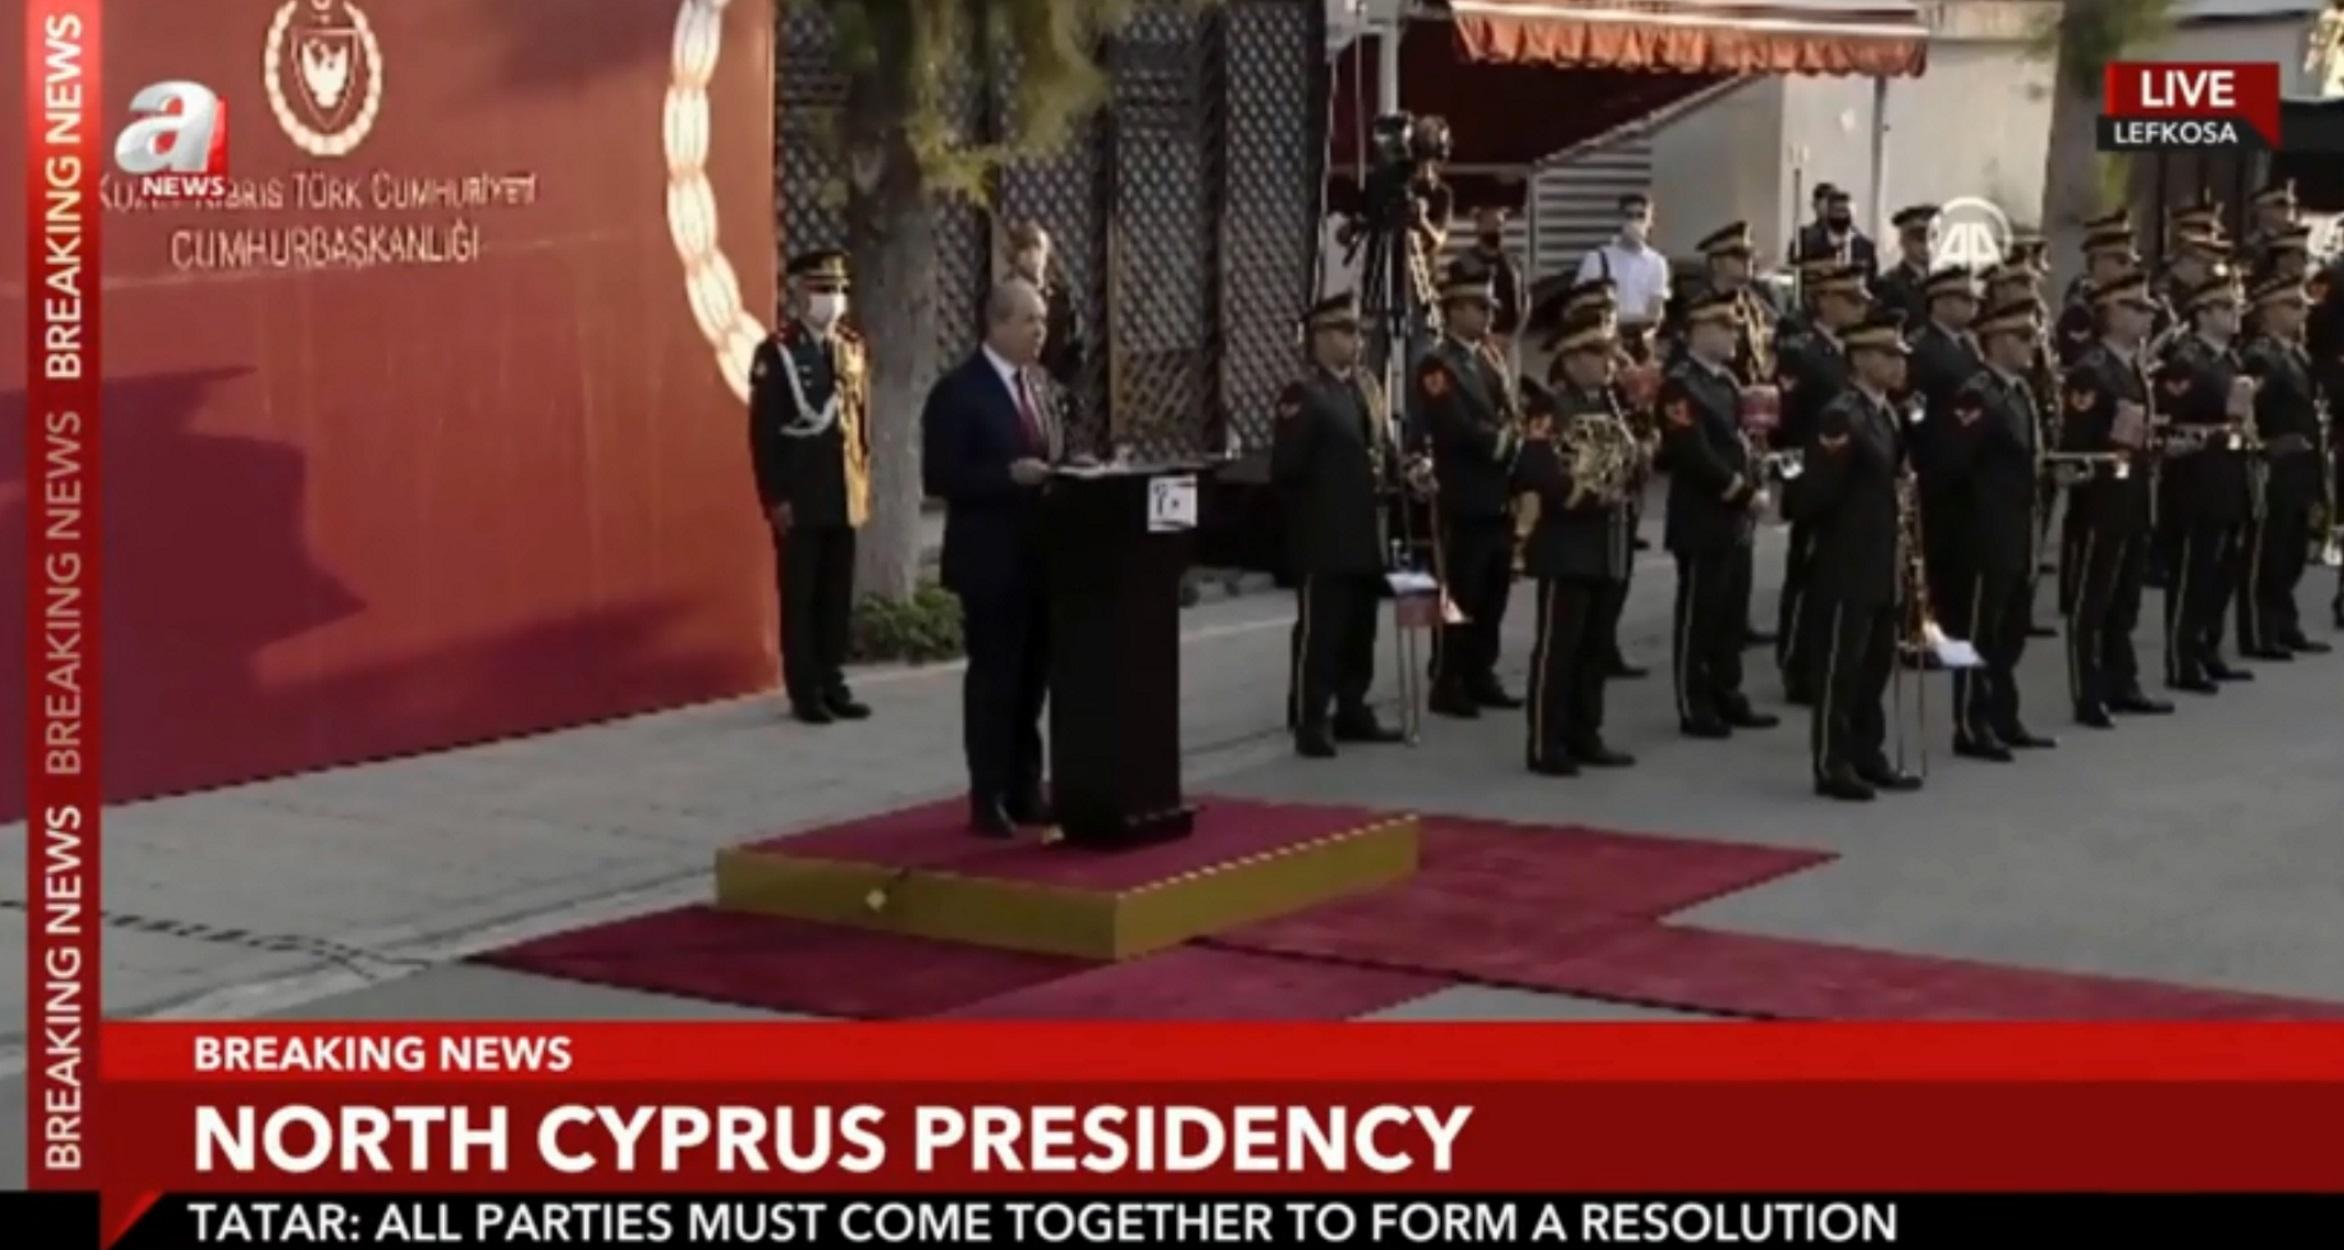 Προκλητικός Ερσίν Τατάρ: Δύο κράτη η λύση για την Κύπρο (video)